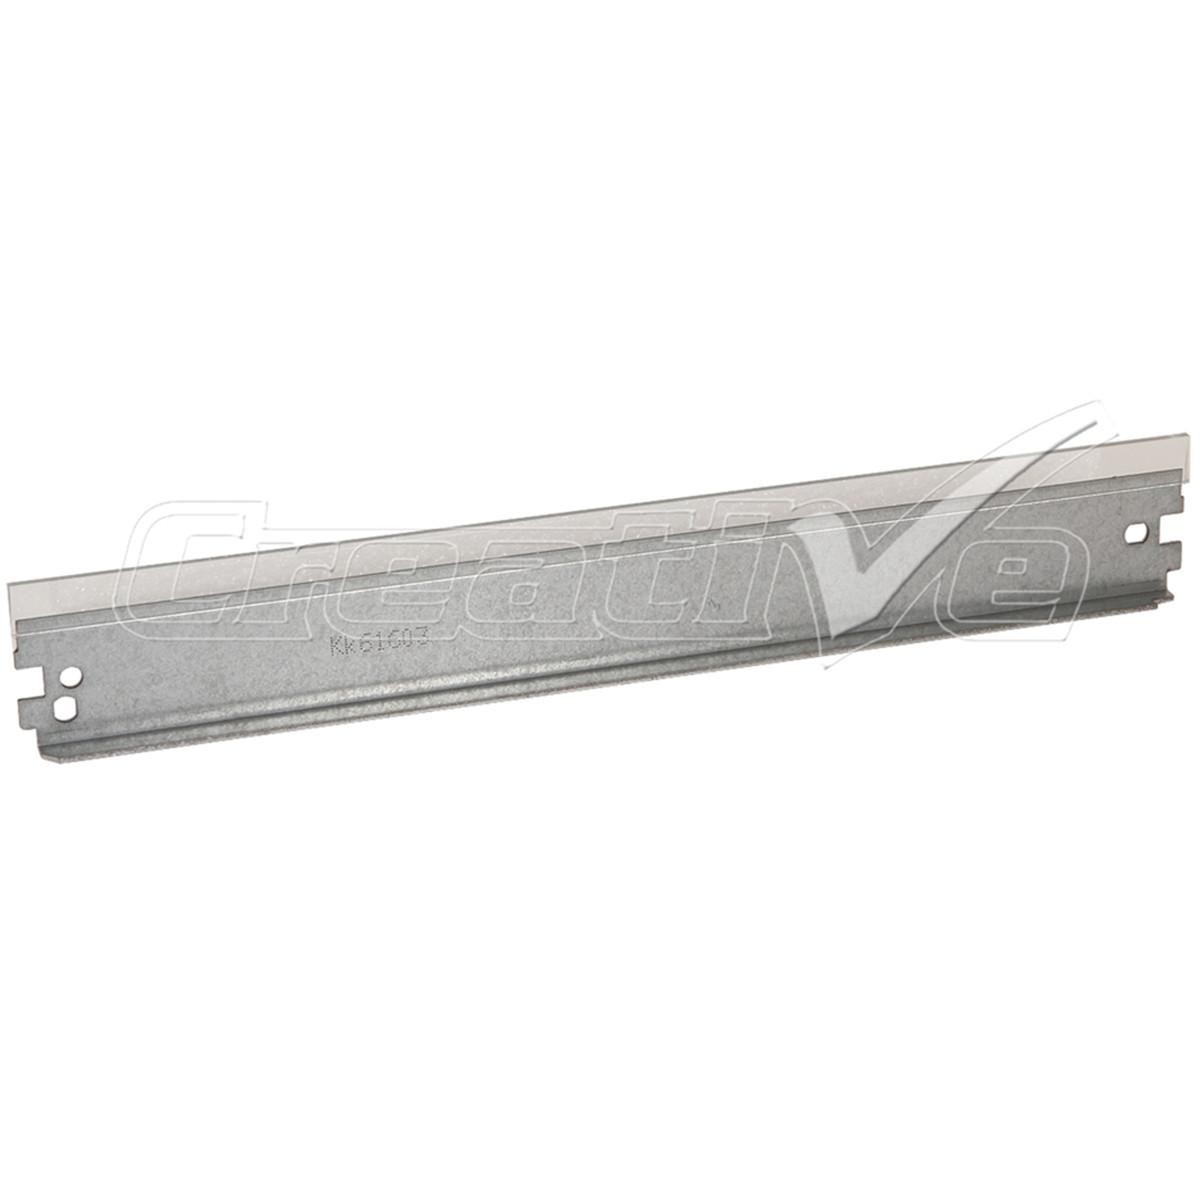 Lâmina de Limpeza Wiper Blade CE505A   P2035 P2055 P2035N P2055N P2055X P2055DN   Importado